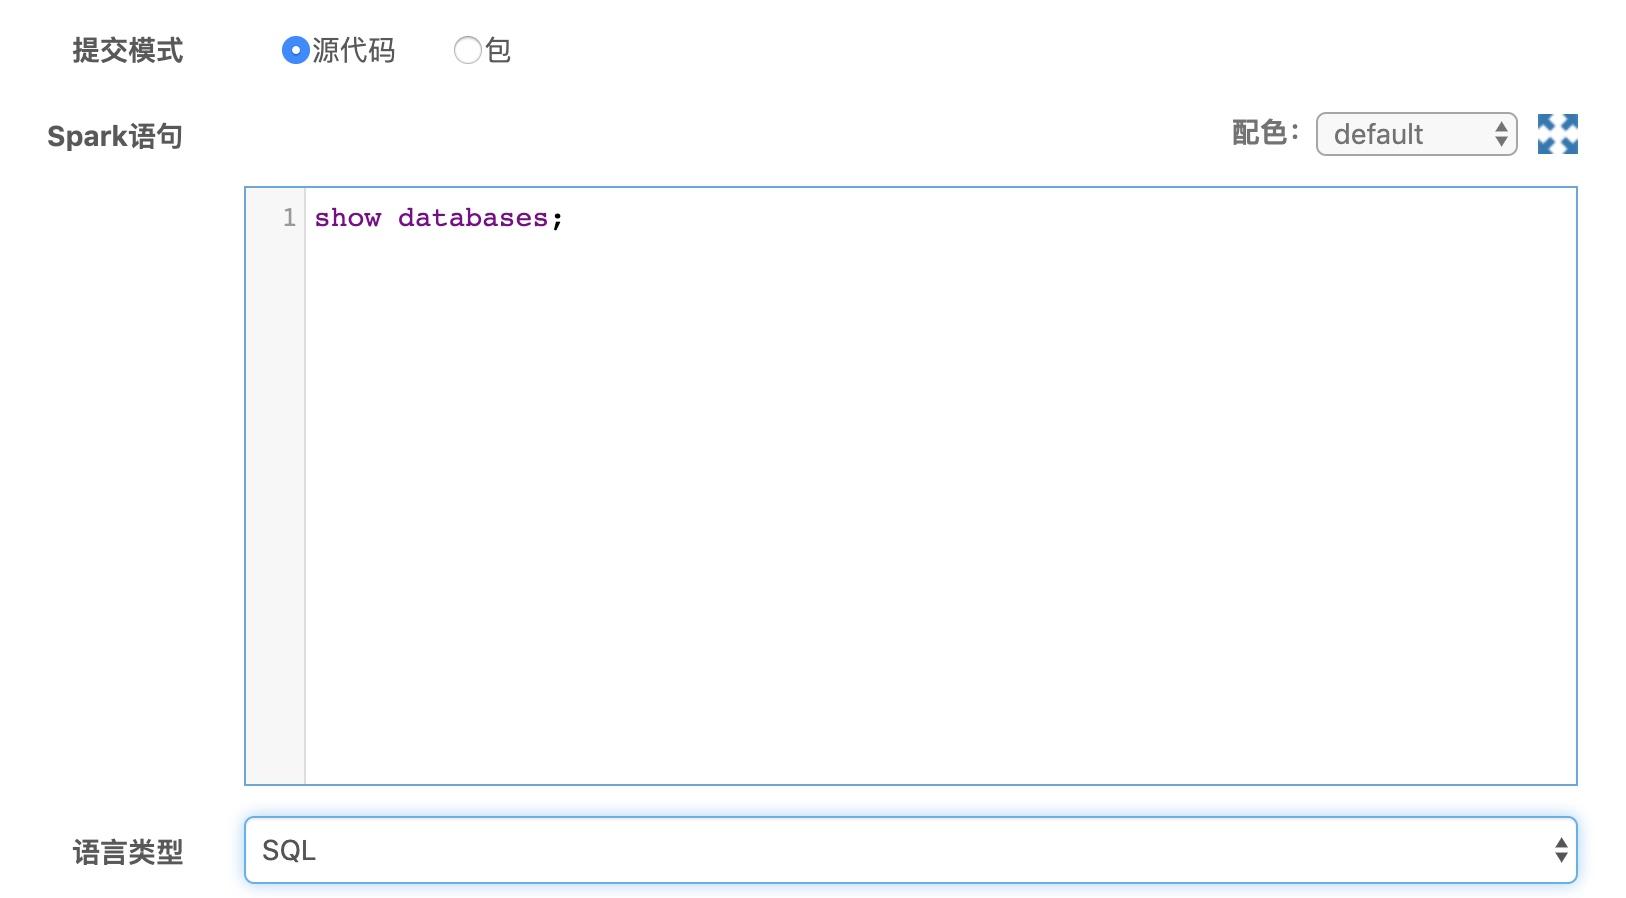 spark_code_submit.jpg